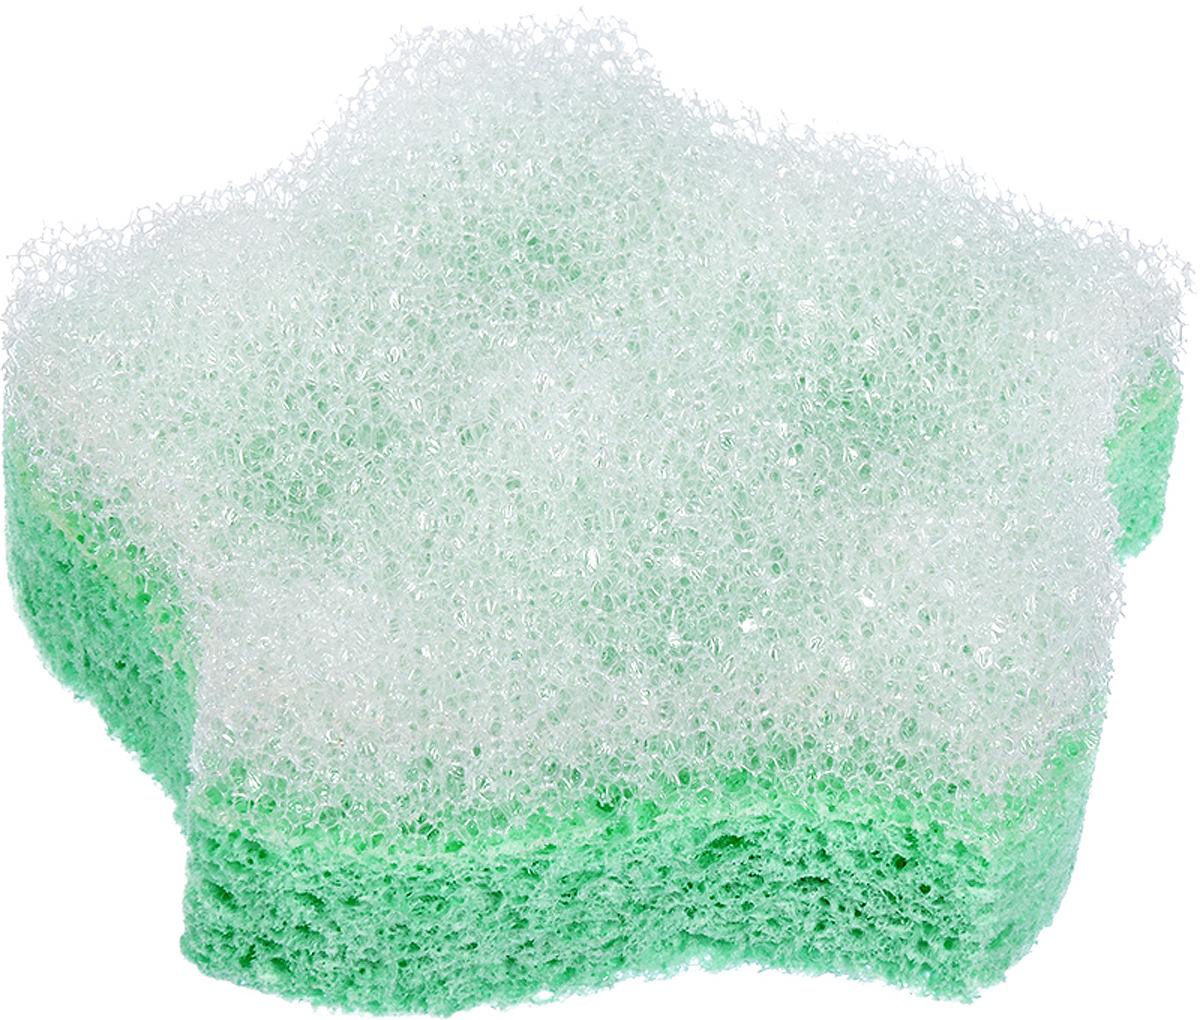 Мочалка Банные штучки, цвет: зеленый, с массажным слоем, 11 х 11 х 3,5 см курносики мочалка с массажным слоем рыбка цвет голубой белый